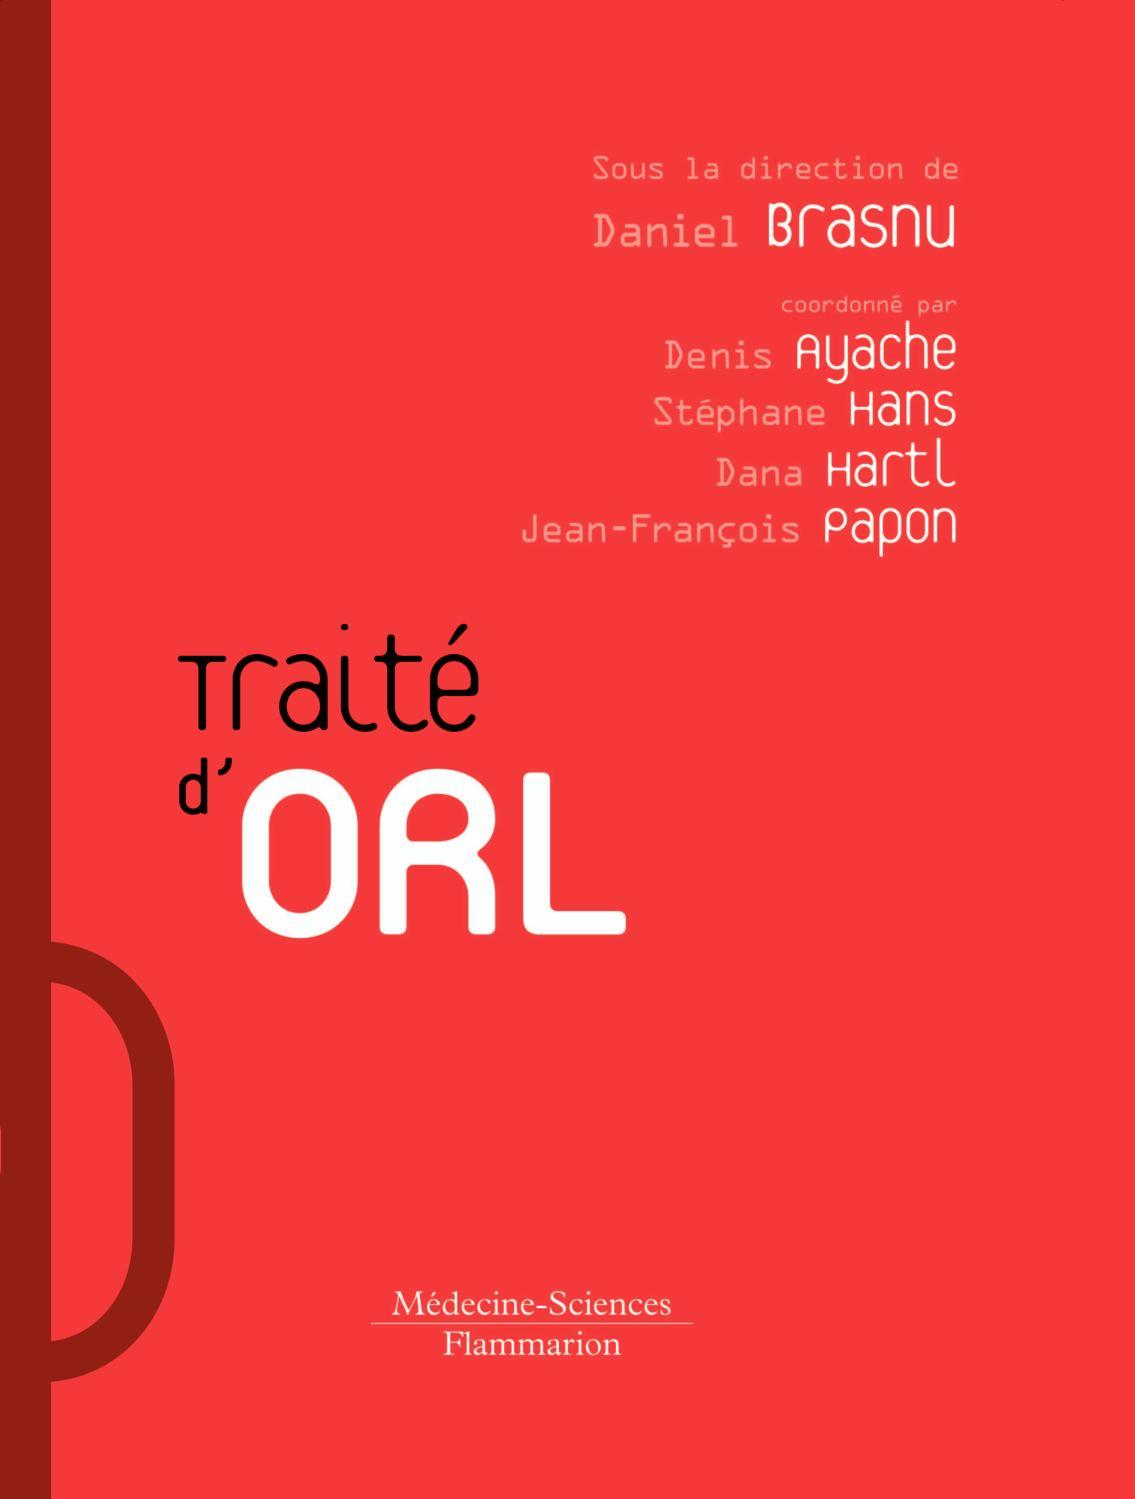 Calaméo - Traité d'O.R.L., BRASNU Daniel - Pages liminaires